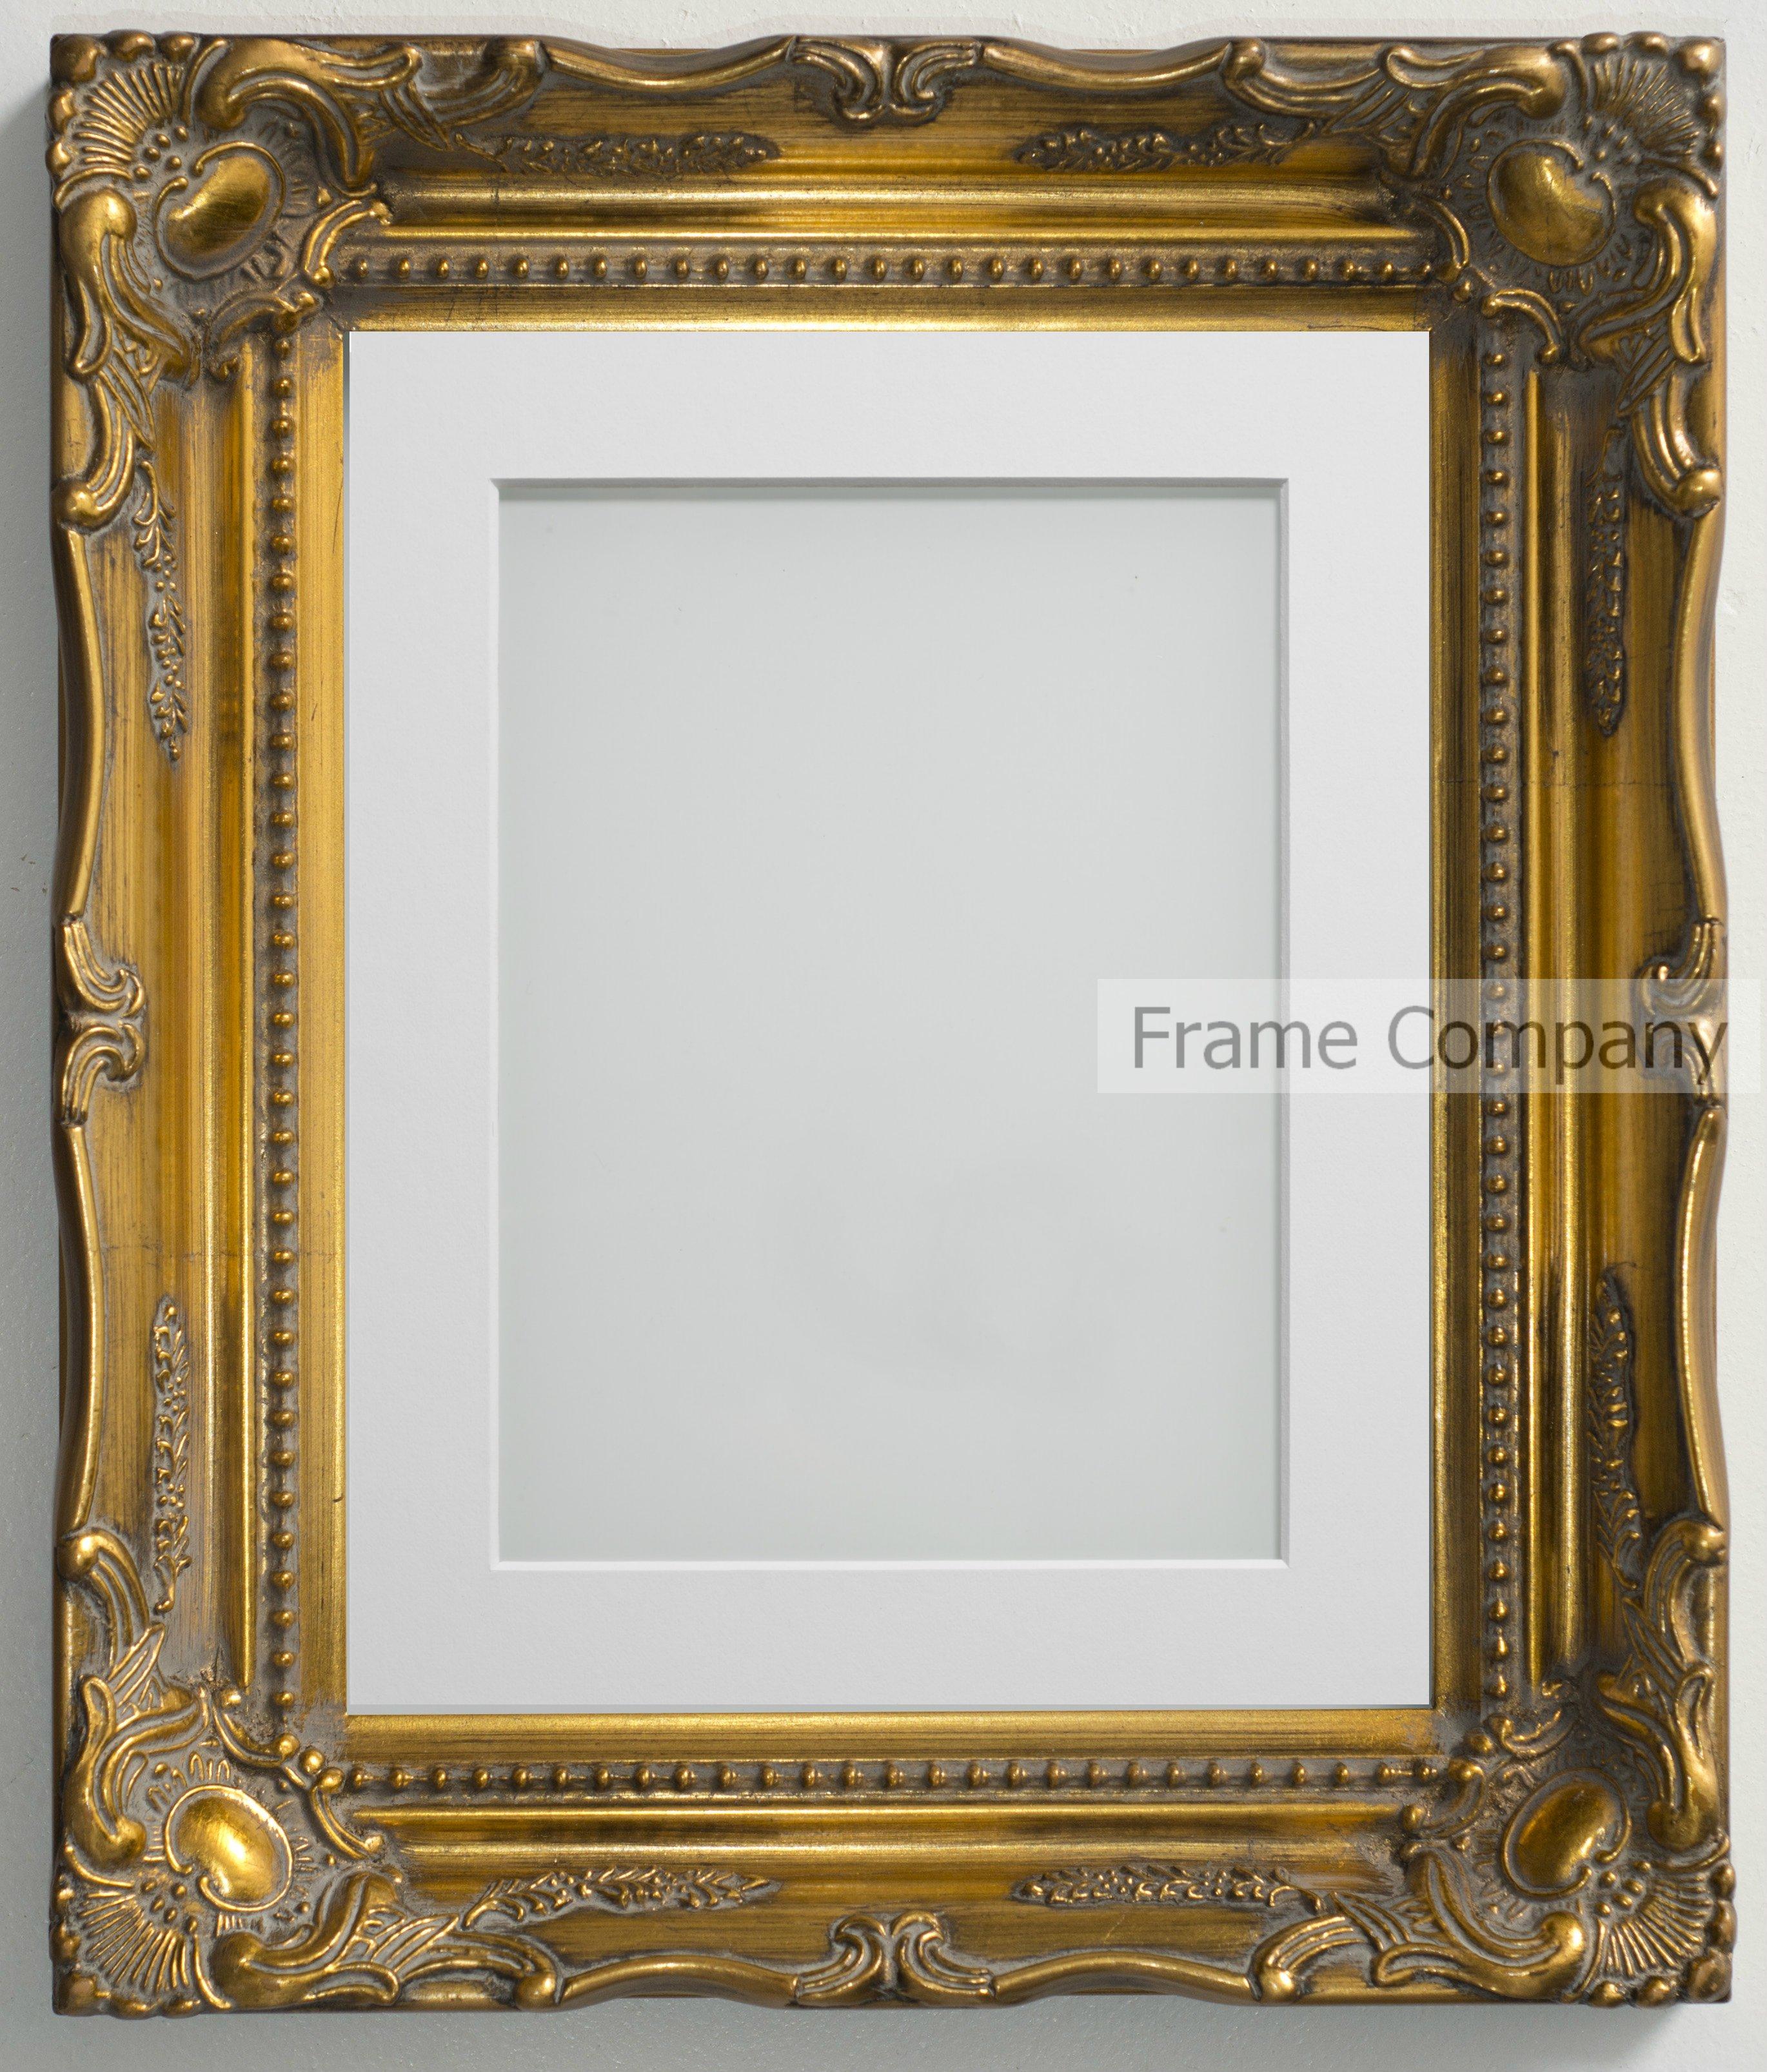 frame company langley range ornate gold picture photo. Black Bedroom Furniture Sets. Home Design Ideas